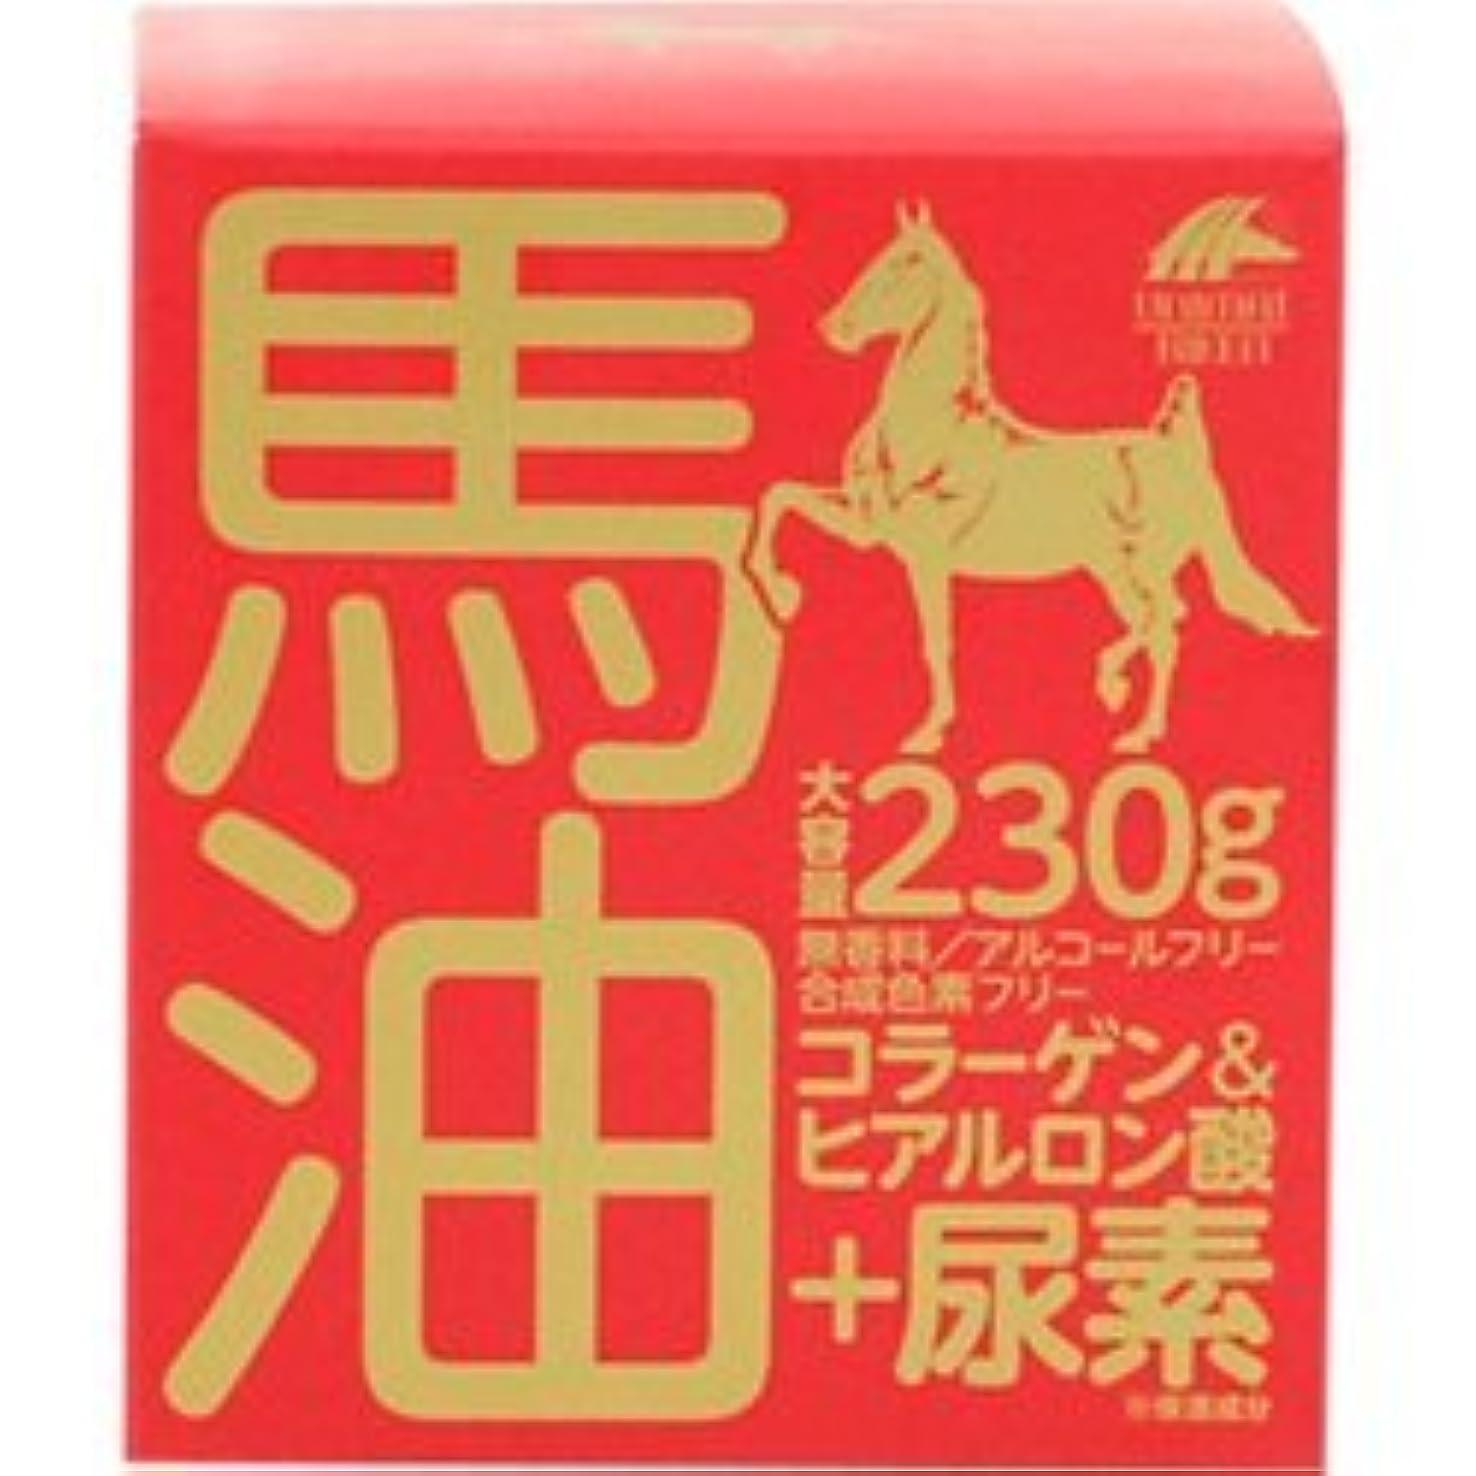 そう乱れ赤面【ユニマットリケン】馬油クリーム+尿素 230g ×10個セット